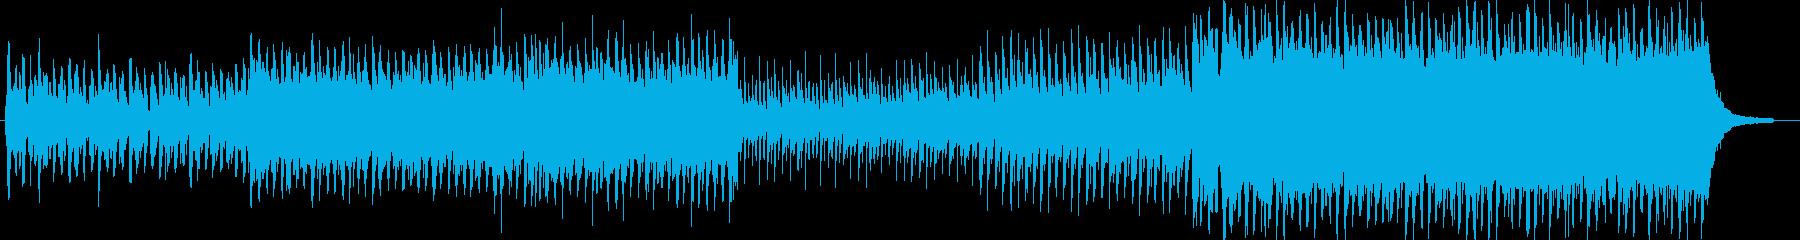 ドラマチックな展開の4つ打ち曲の再生済みの波形